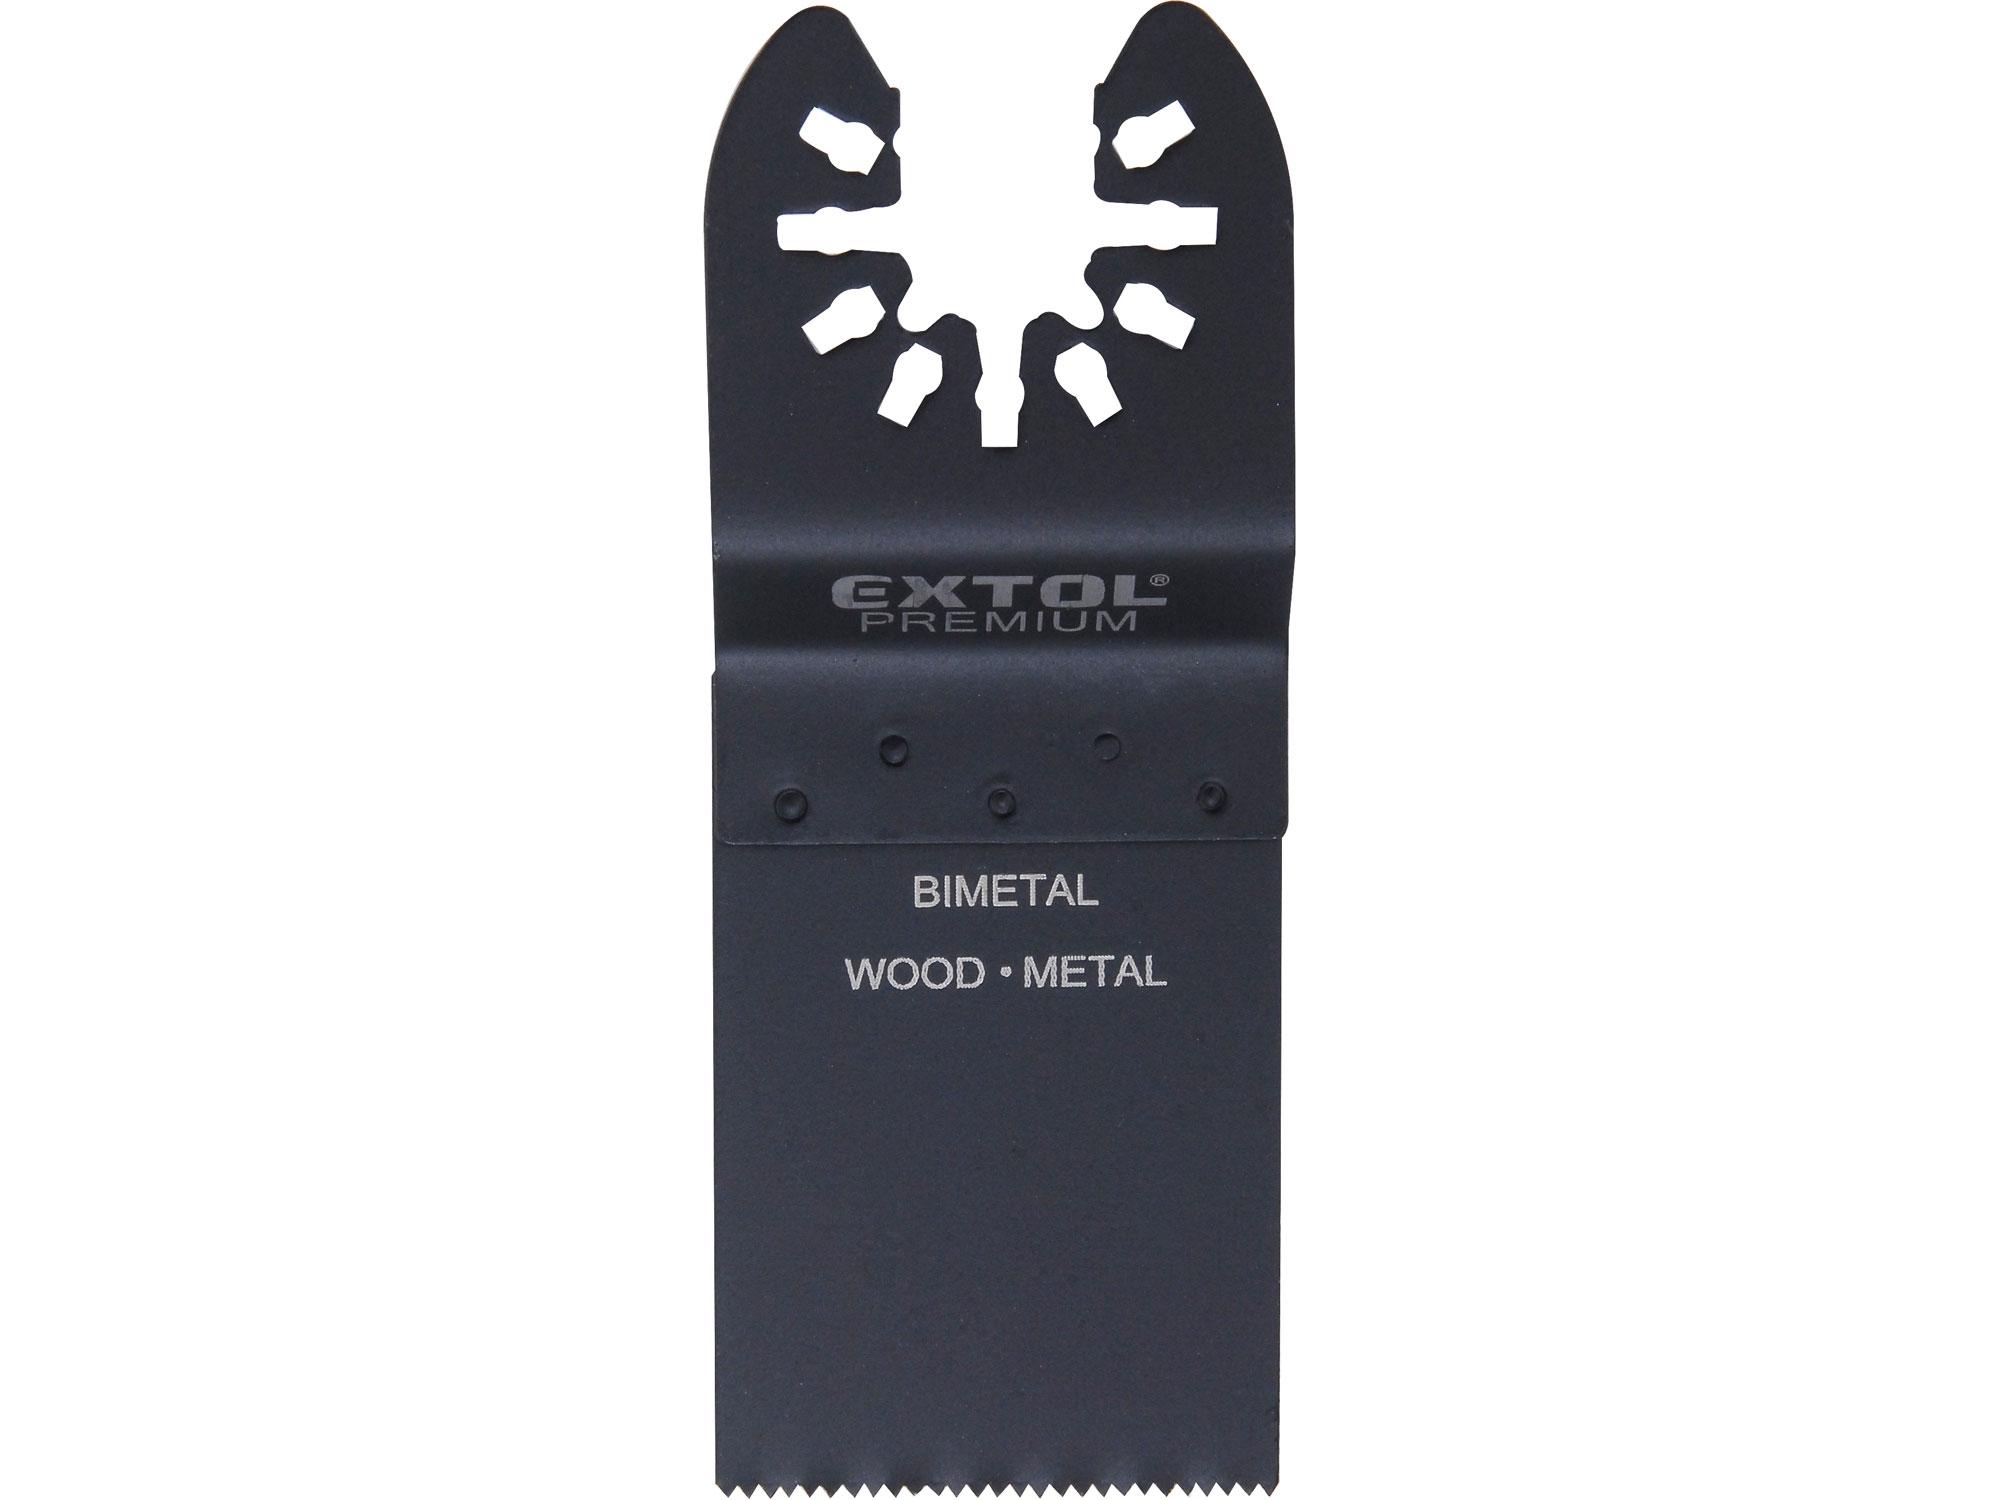 list pilový zanořovací na kov, 34mm, BIM, EXTOL PREMIUM 8803855